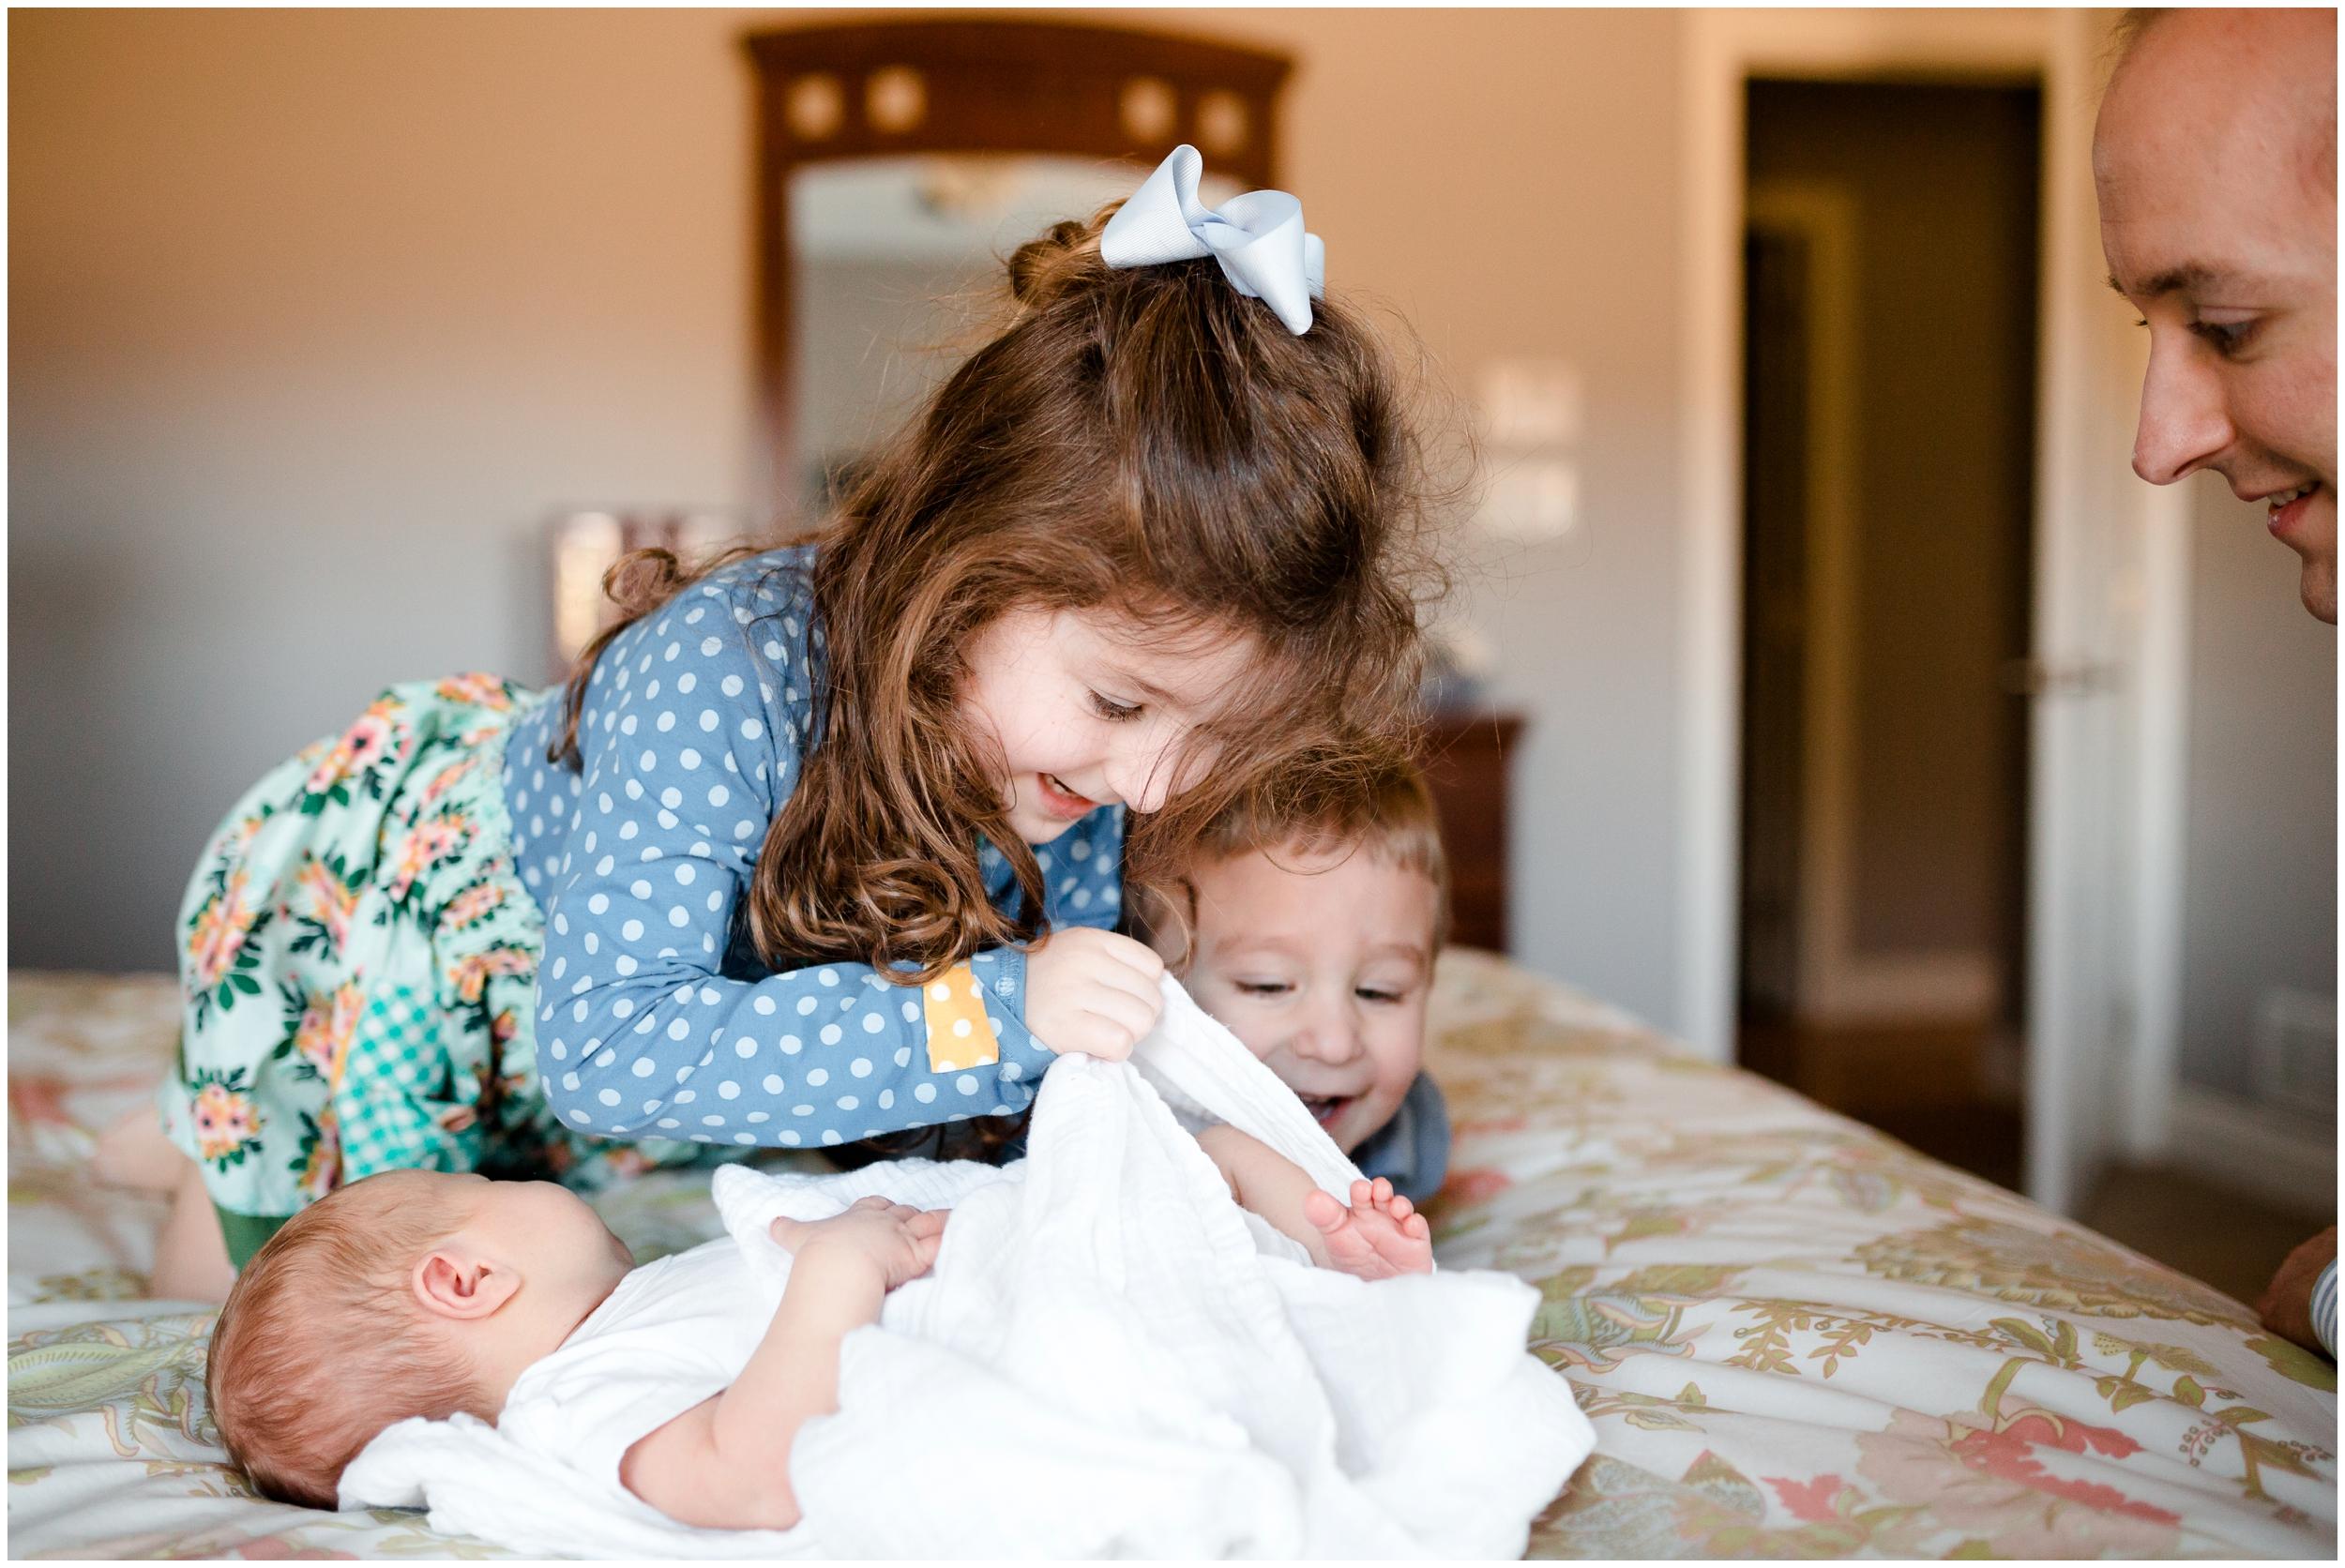 lexington-ky-family-lifestyle-photography-Priscilla-Baierlein-Photography_0226.jpg